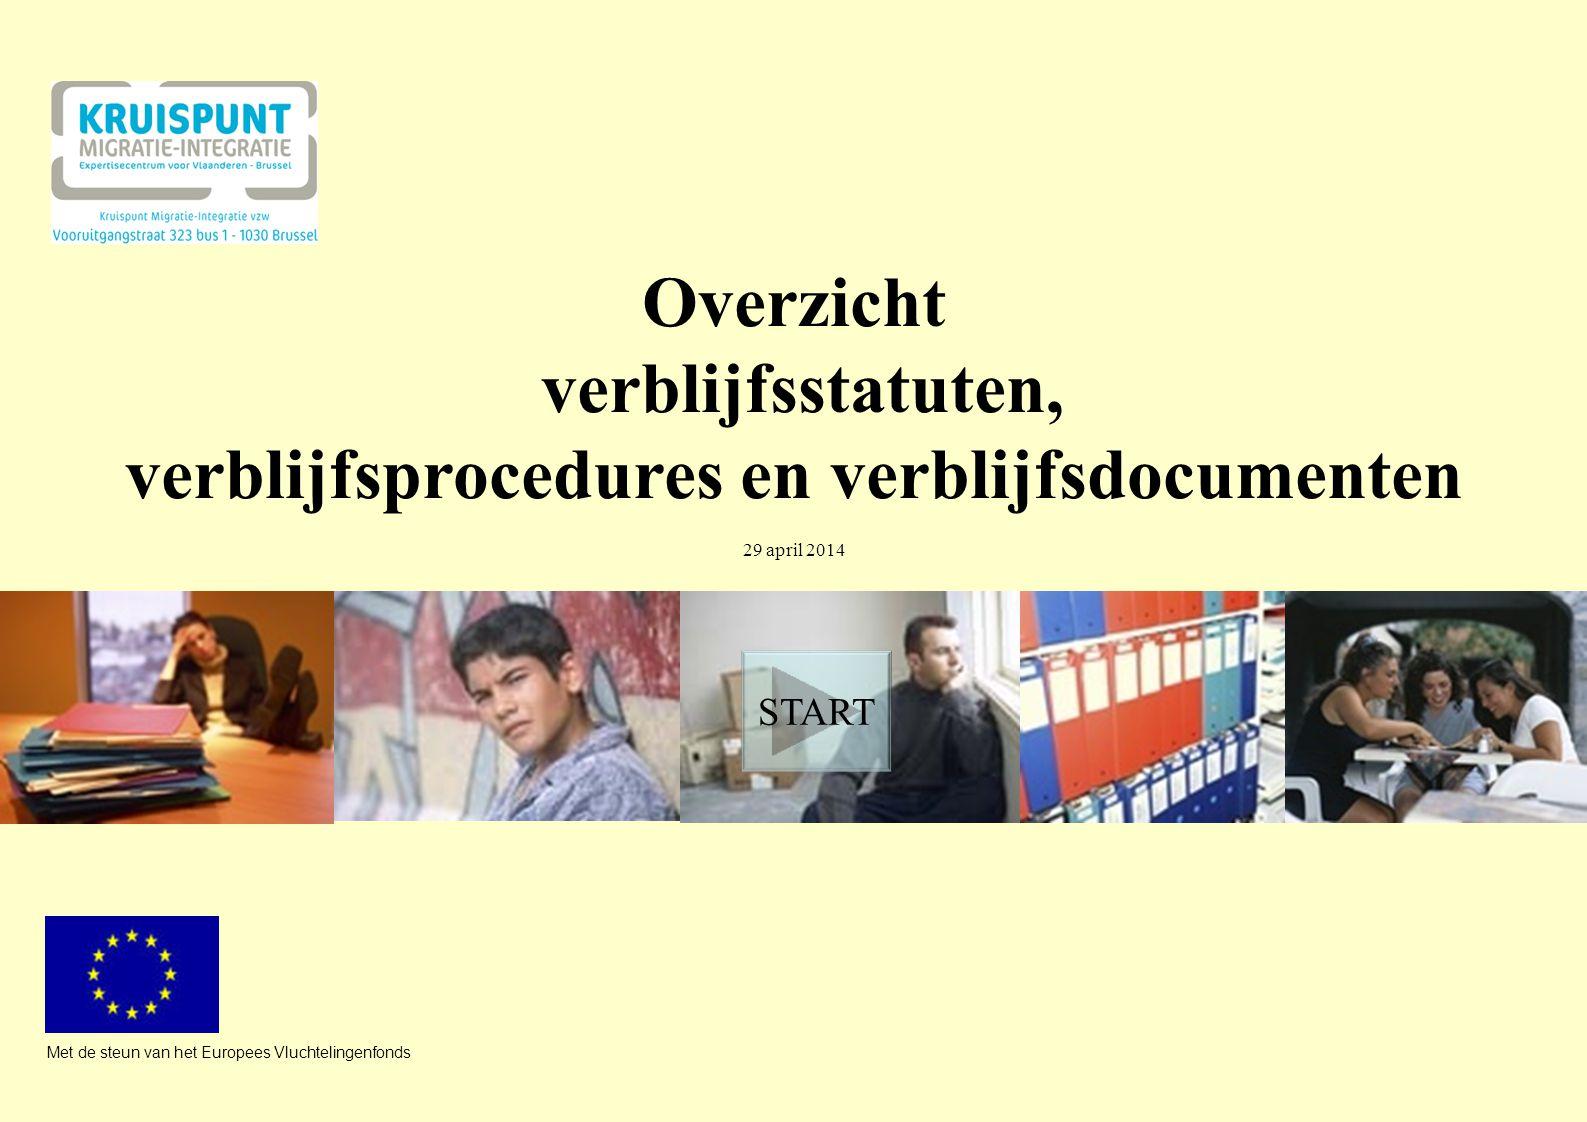 verblijfsprocedures en verblijfsdocumenten